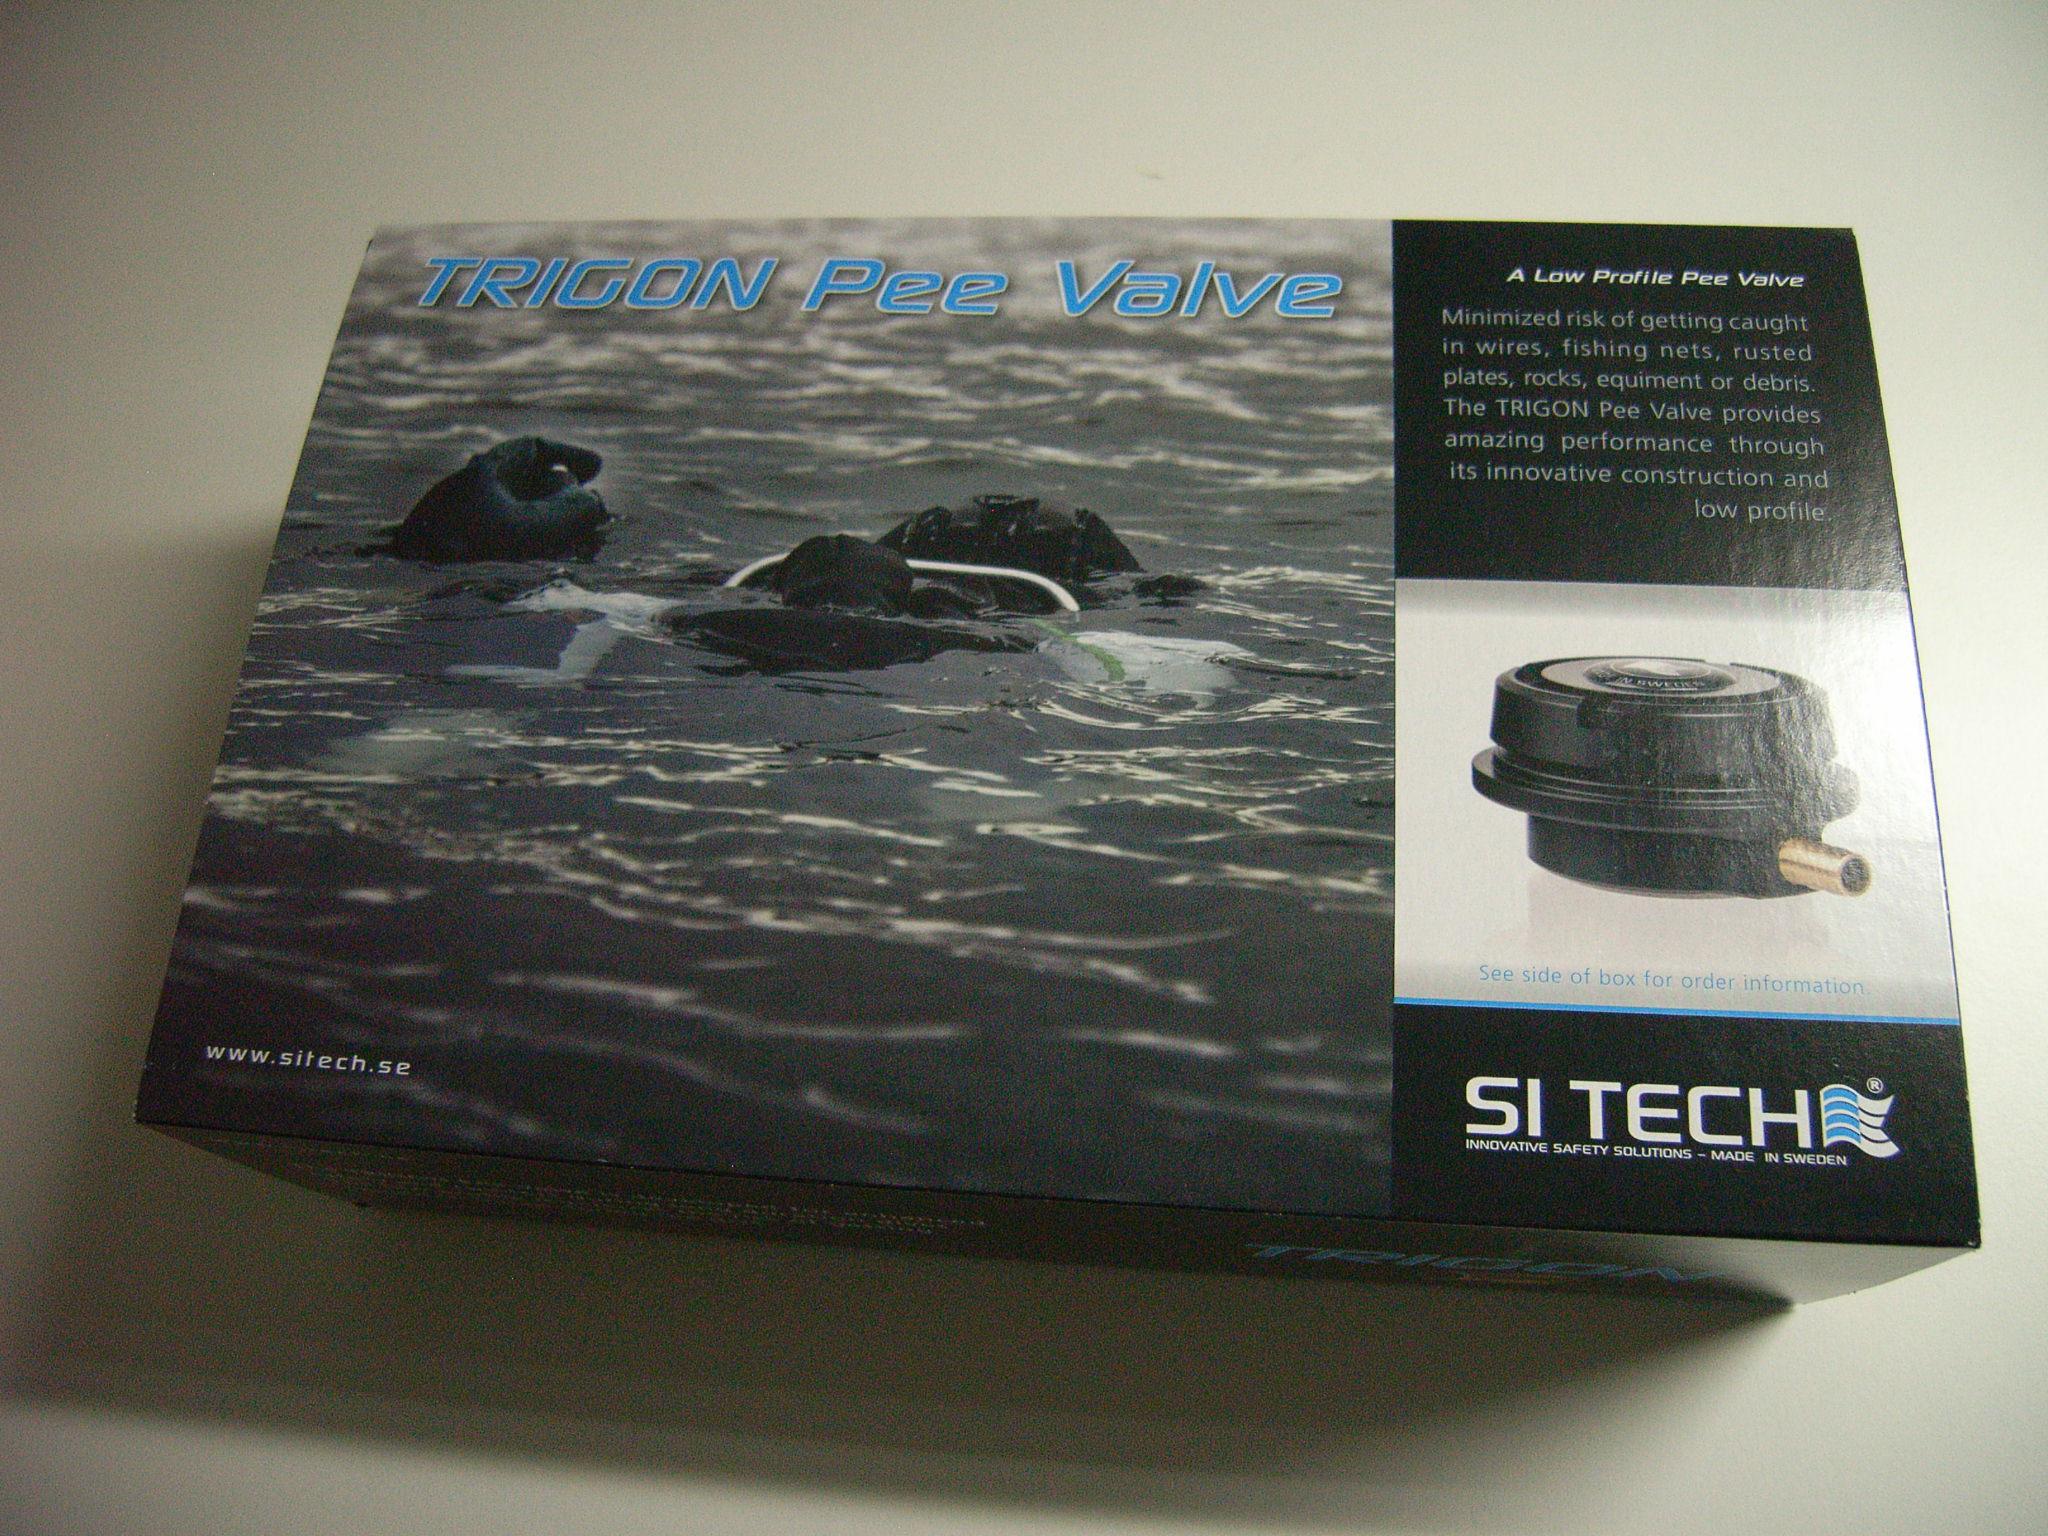 SI Tech TRIGON Pee Valve